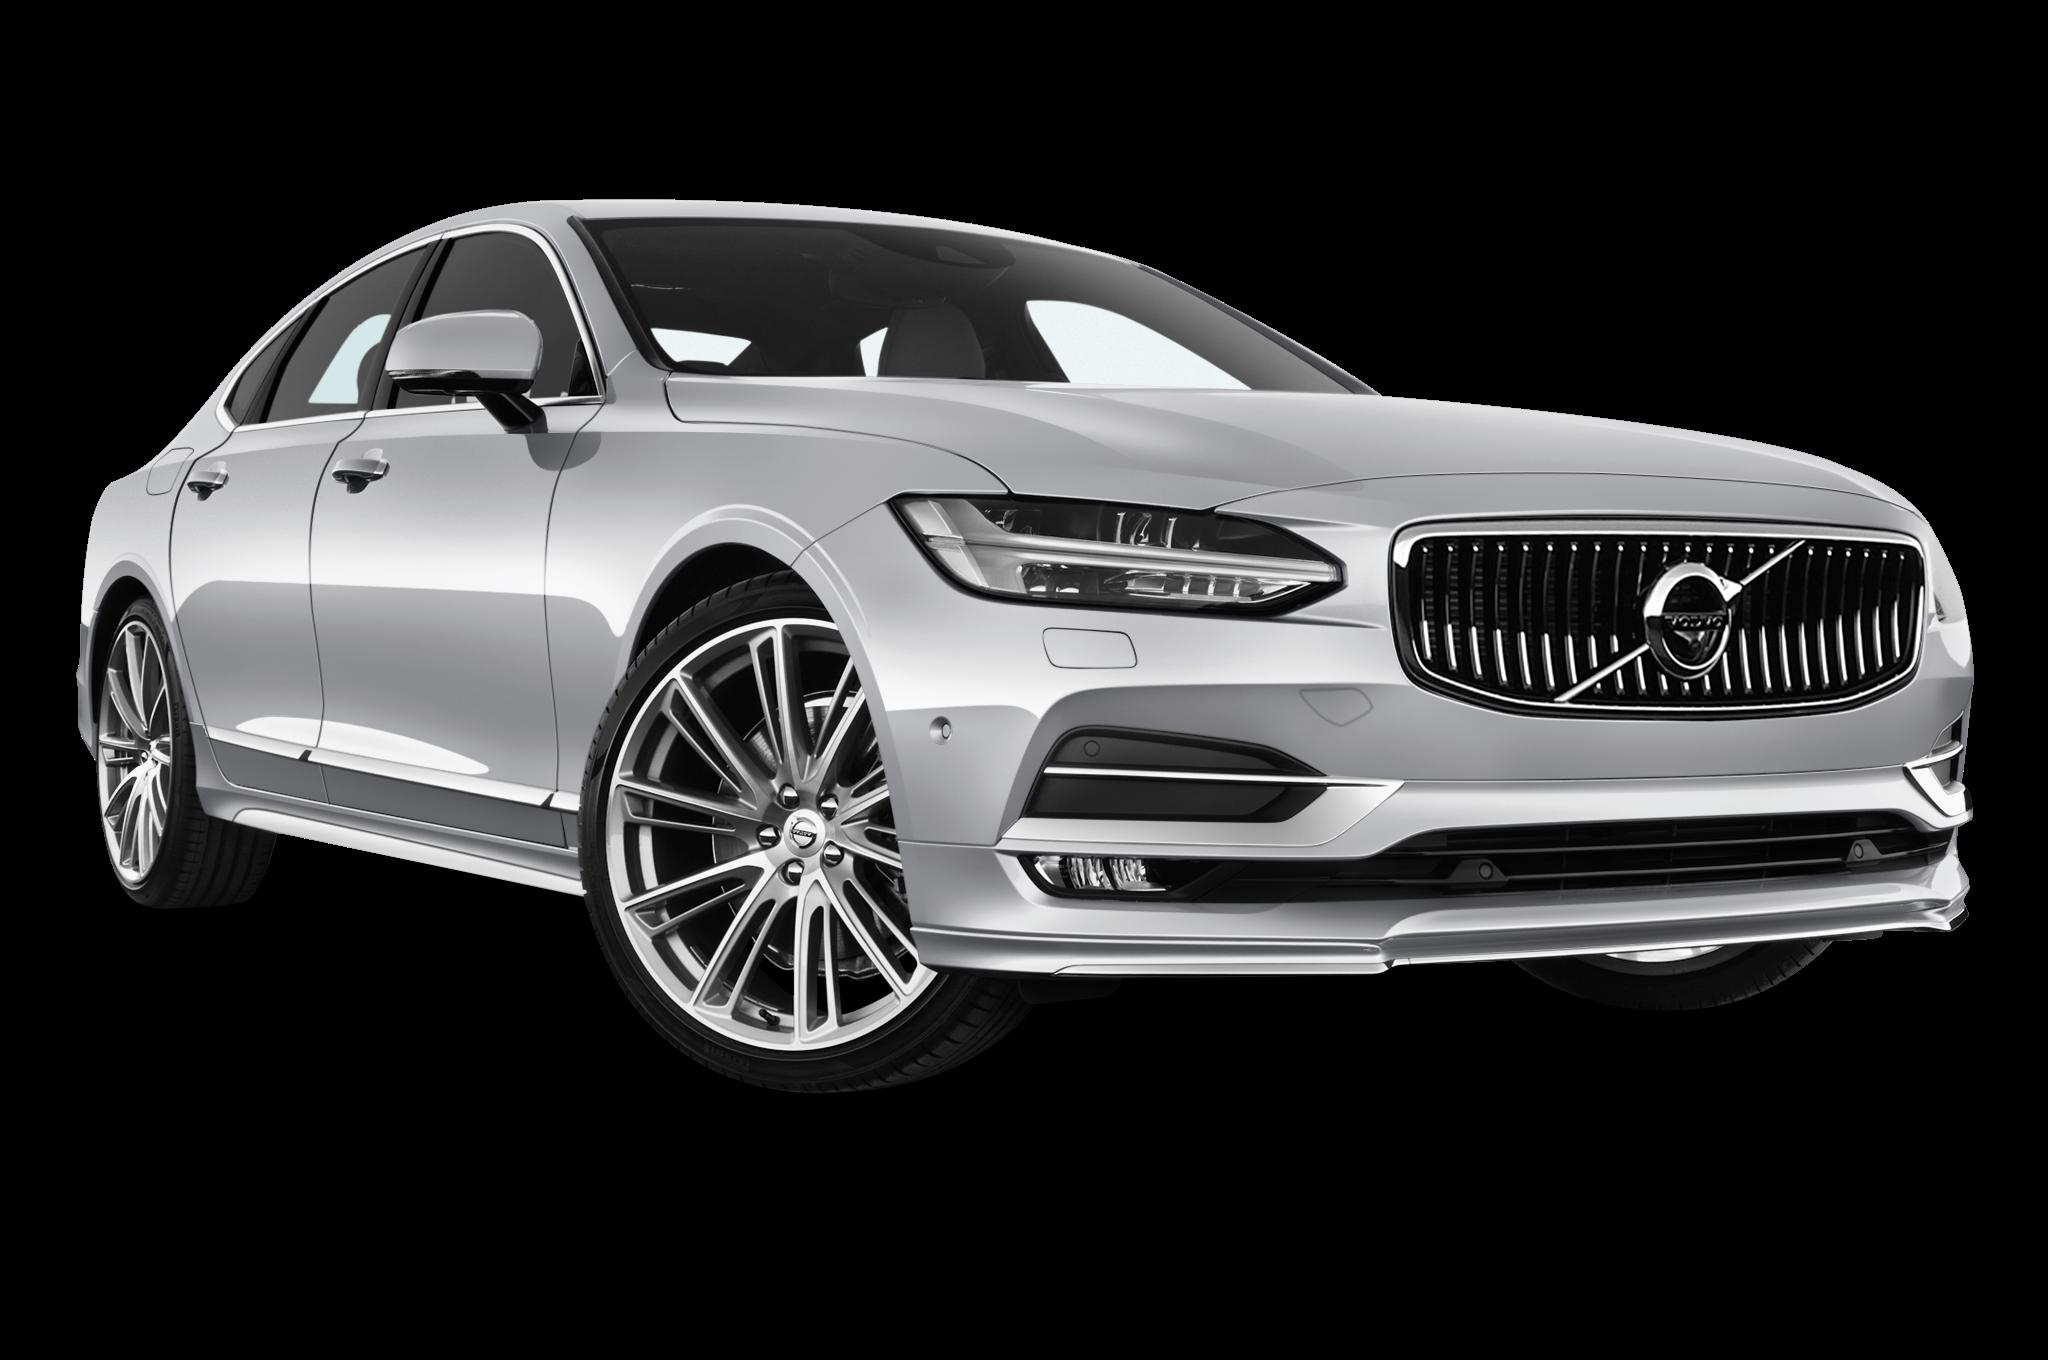 Volvo s90 deals